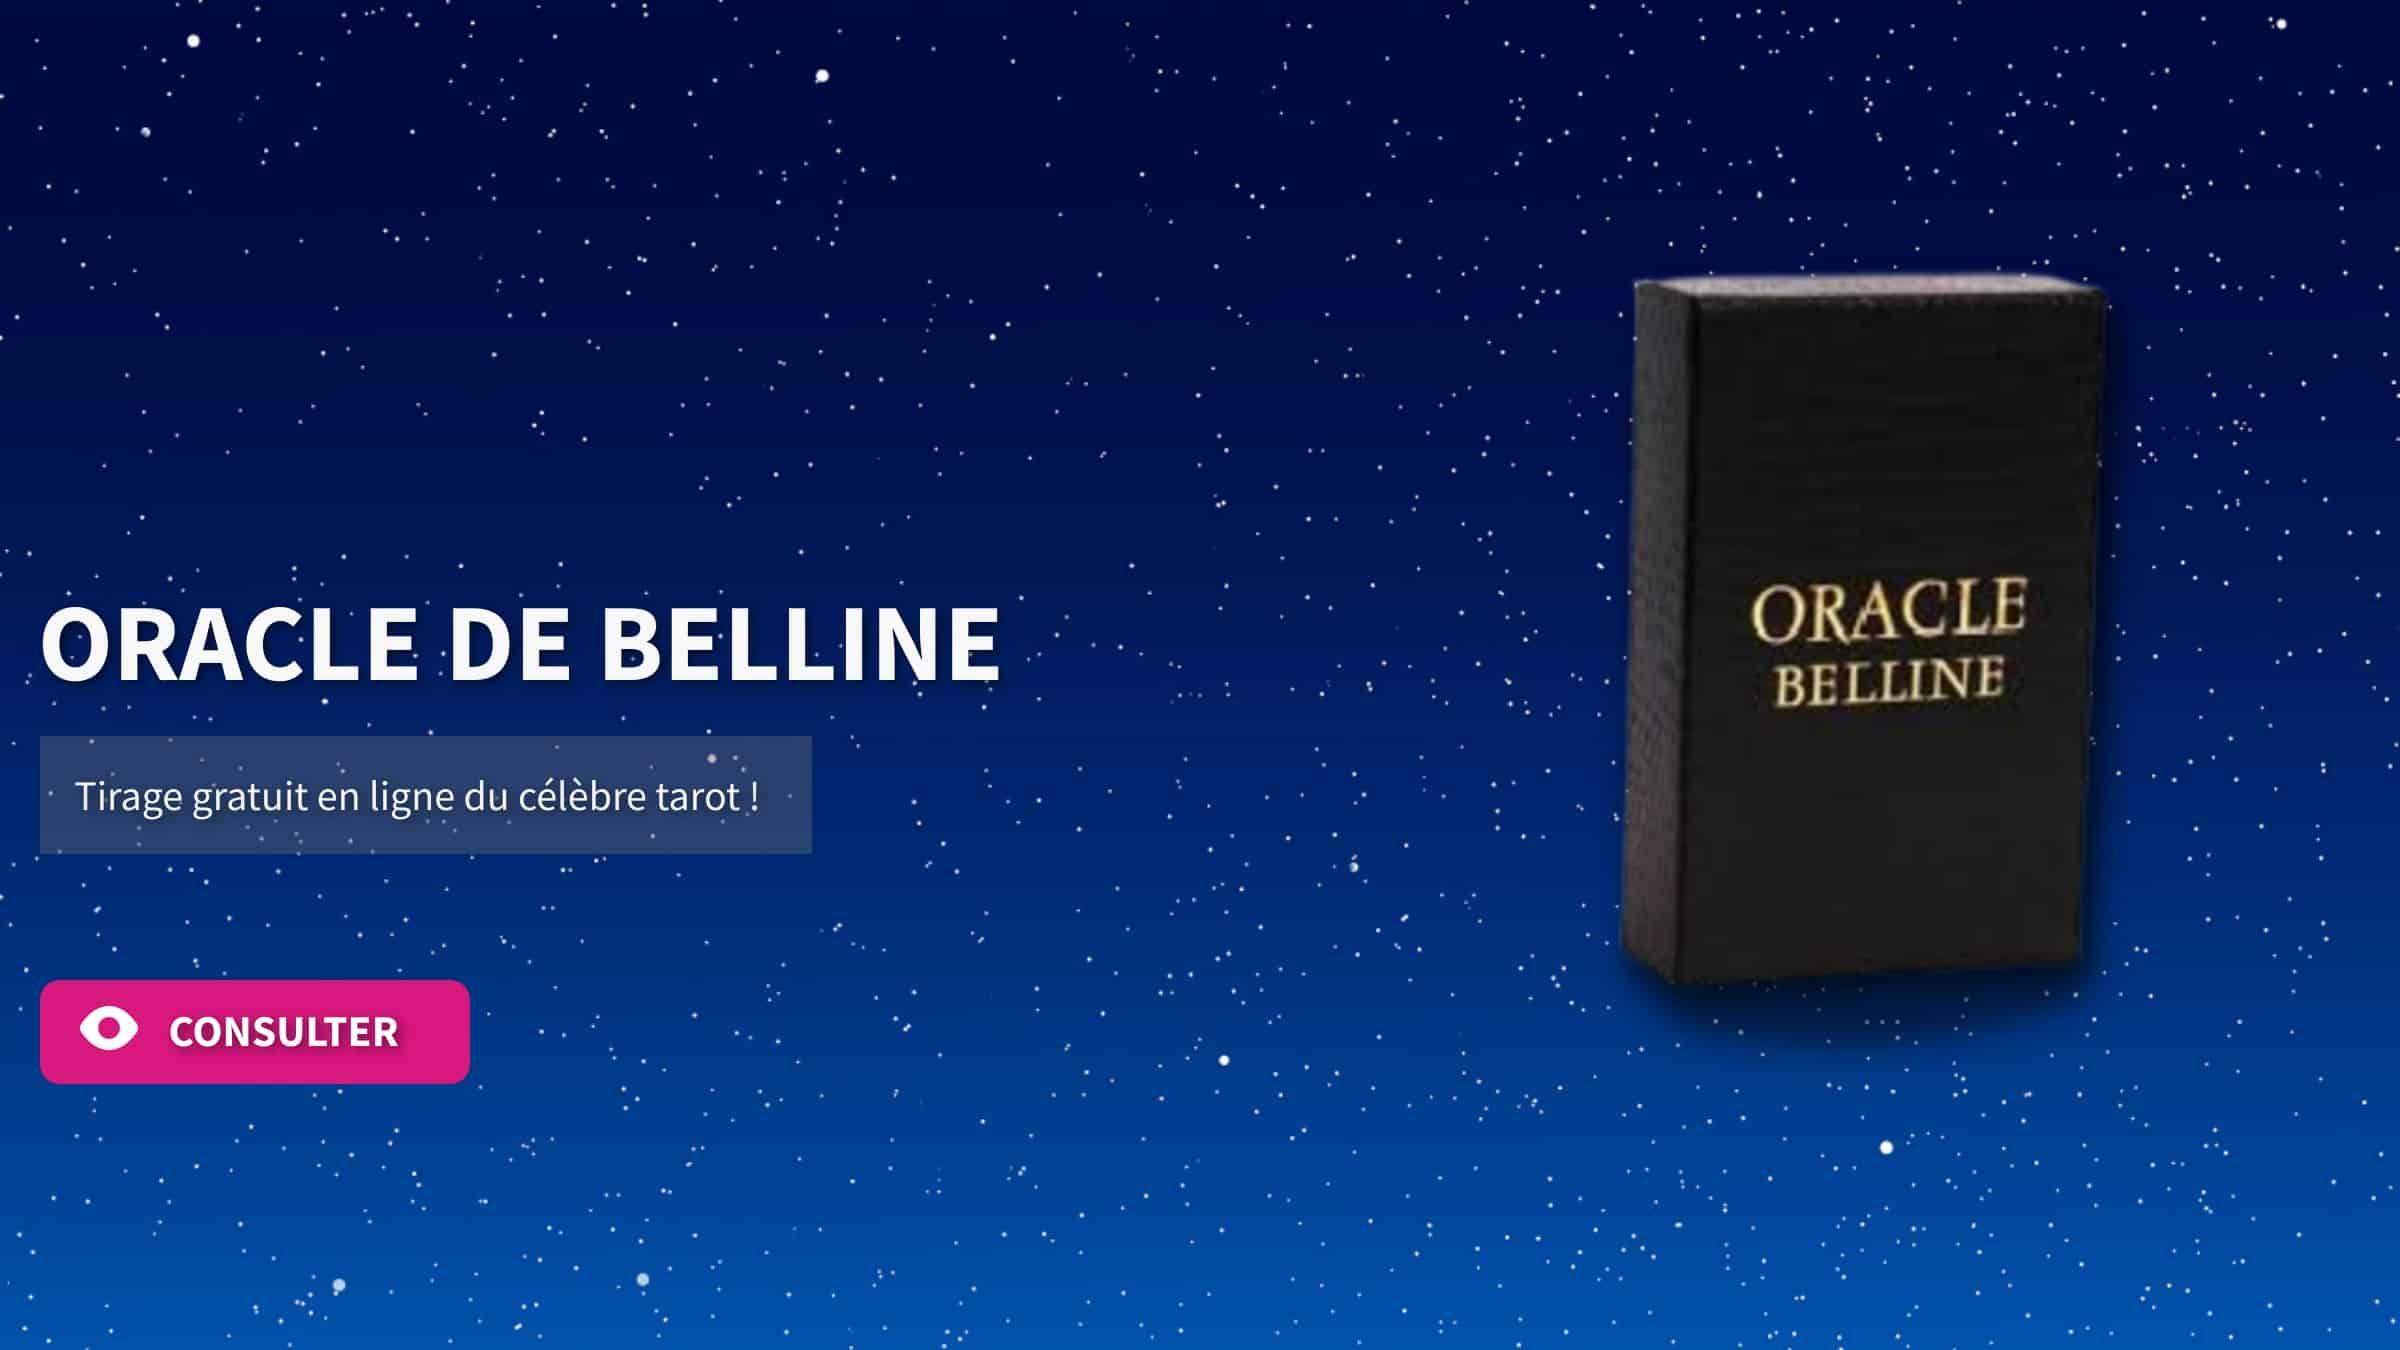 ORACLE DE BELLINE TIRAGE GRATUIT EN LIGNE